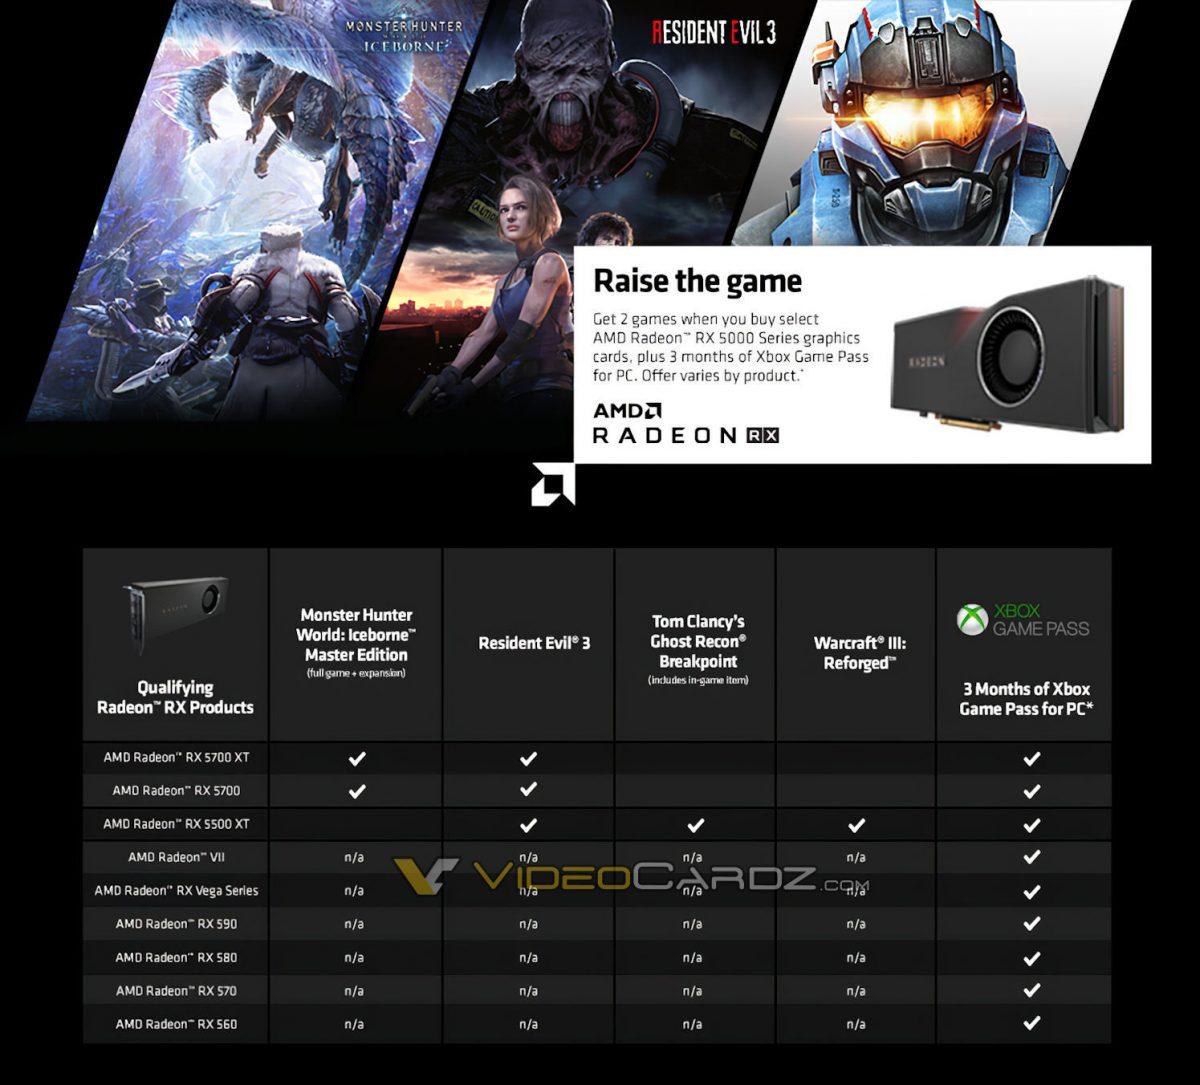 Названы видеокарты AMD, за покупку которых будут дарить игры